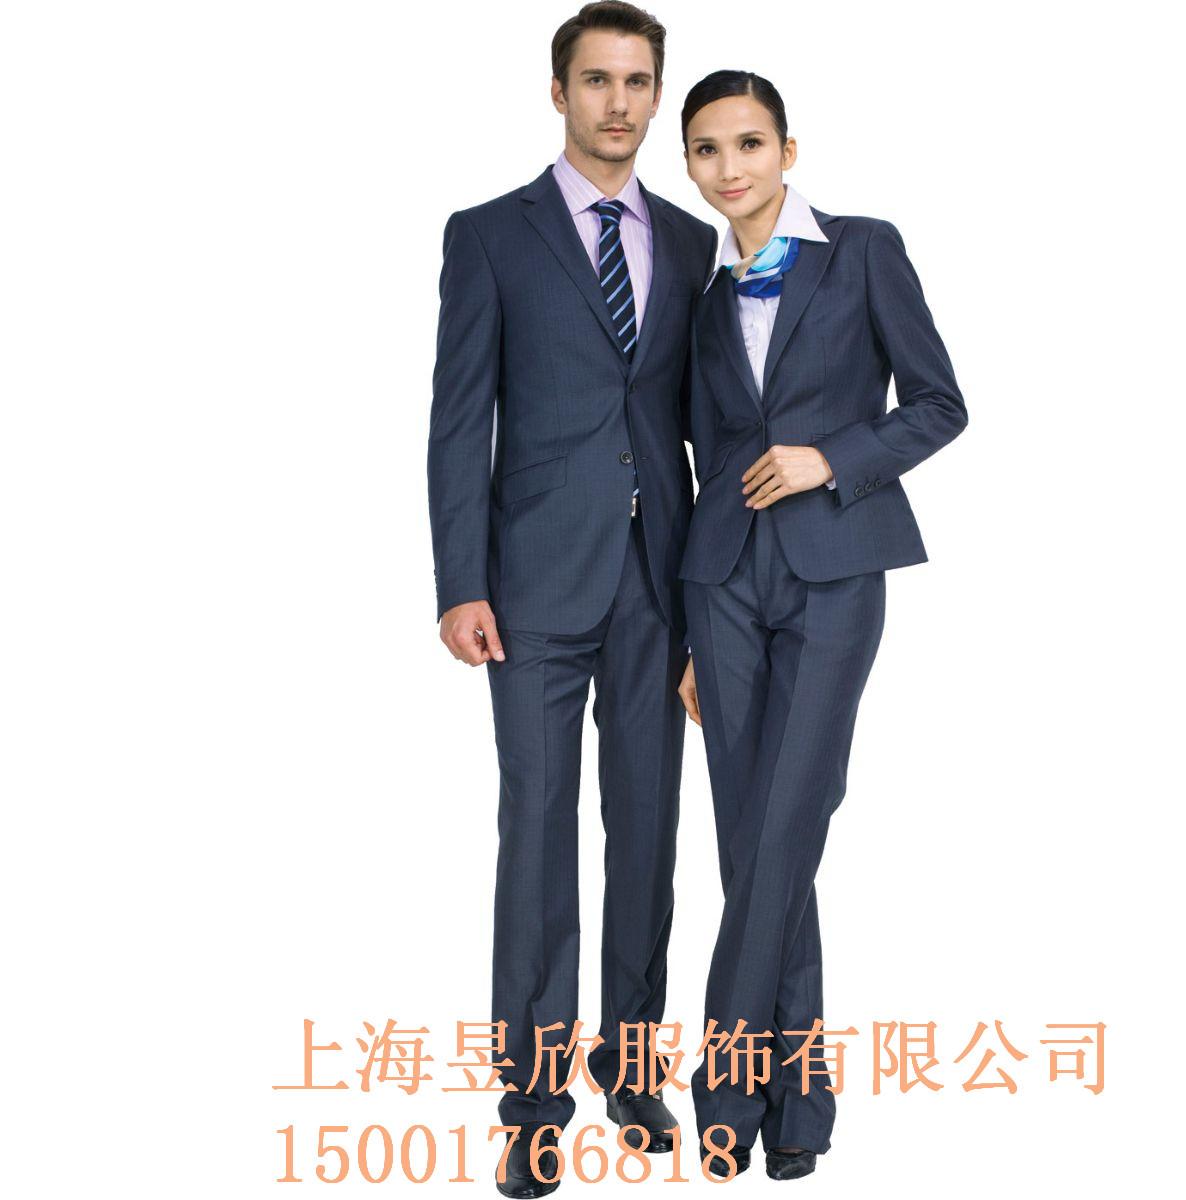 上海定做酒店服务工作服订做上海高级酒店服装